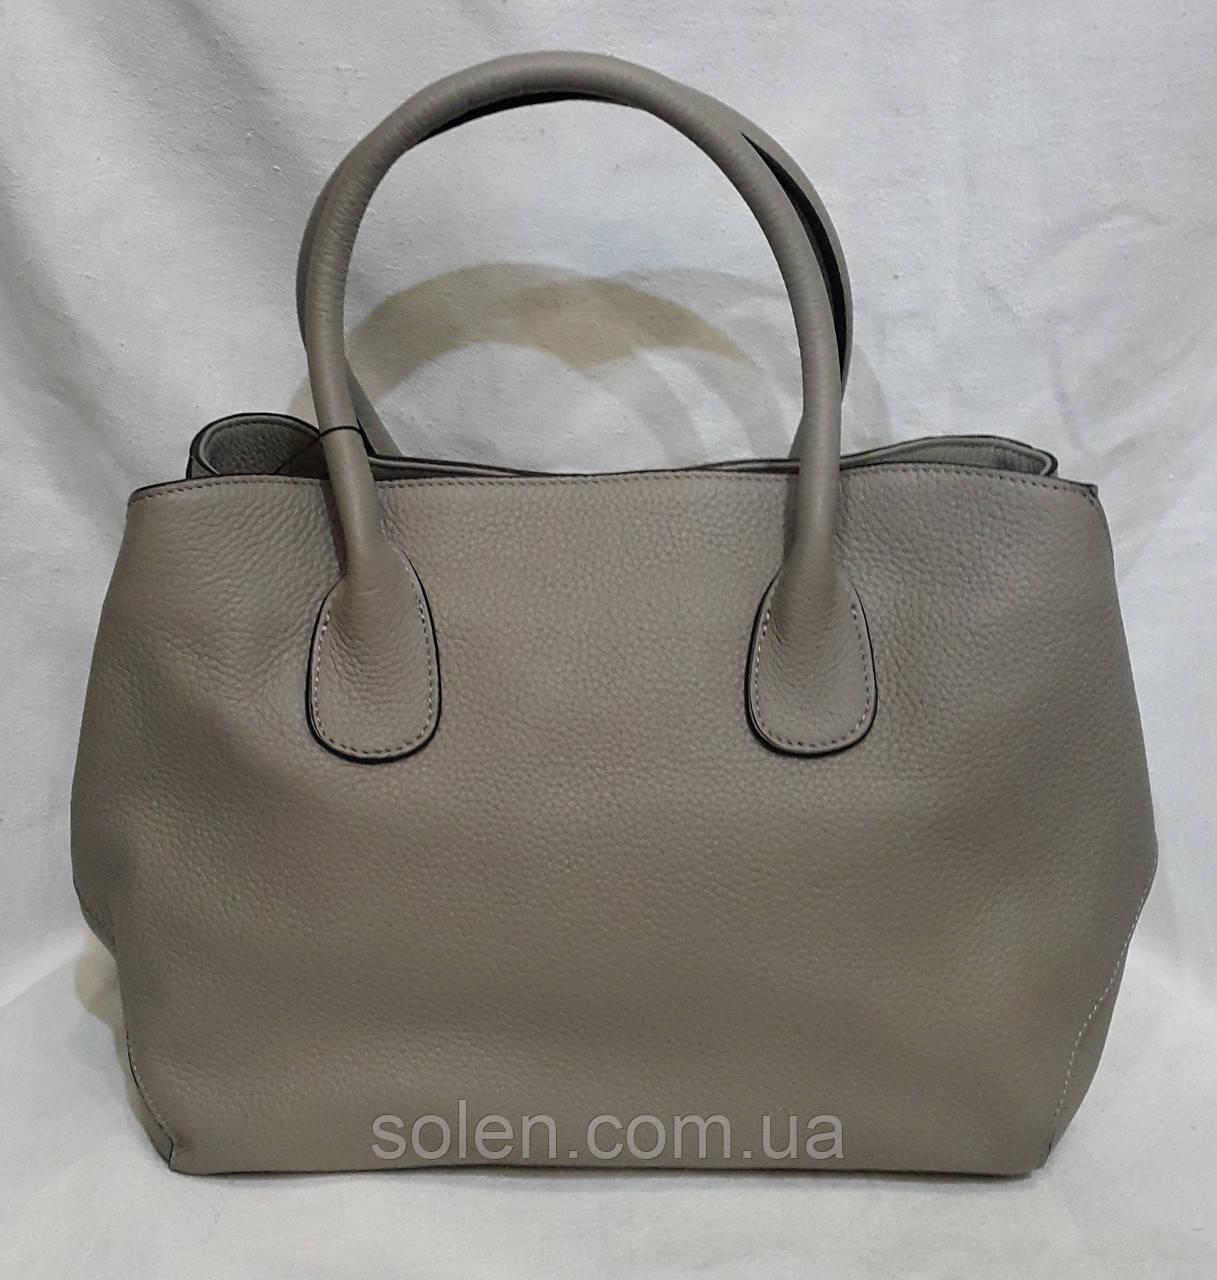 9c4a53048637 Стильная кожаная сумка . Стильная кожаная сумка. - Интернет-магазин сумок  Solen в Харькове